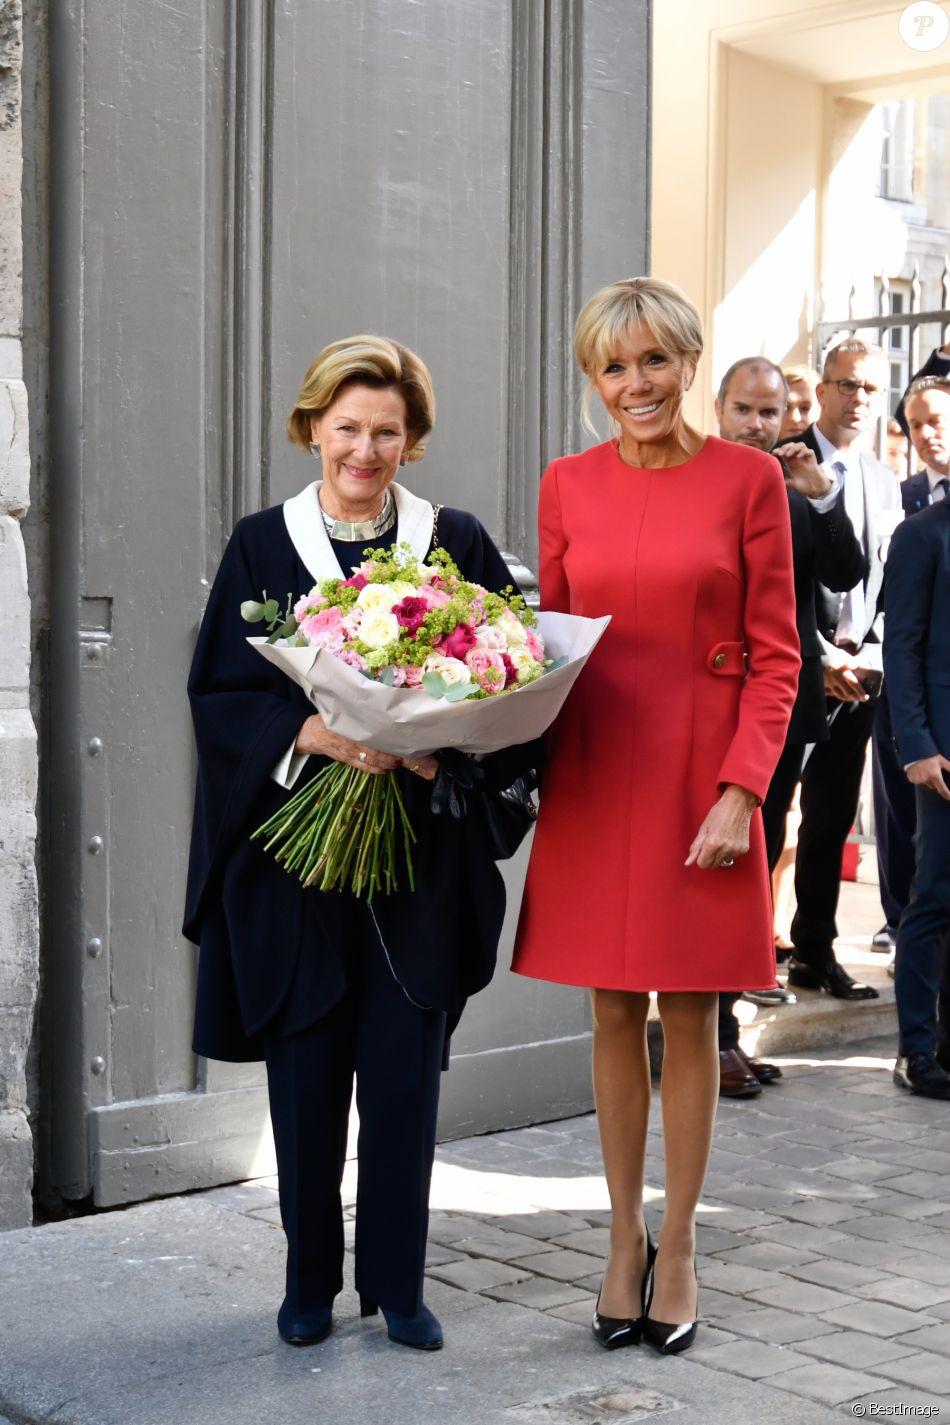 La reine Sonja de Norvège, la première dame Brigitte Macron au centenaire de la Section Norvégienne du Lycée Pierre Corneille à Rouen le 24 septembre 2018. Au programme : Signatures d'accords-cadres de coopération dans le domaine de l'éducation, de l'enseignement supérieur, de la recherche scientifique, de l'innovation, de l'industrie et de la culture; dévoilement de la statue offerte par la Norvège par Sa Majesté la Reine en présence de l'artiste, Espen Dietrichson; signature du Livre d'Or en présence des autorités et des élus. © Francis Petit / Bestimage